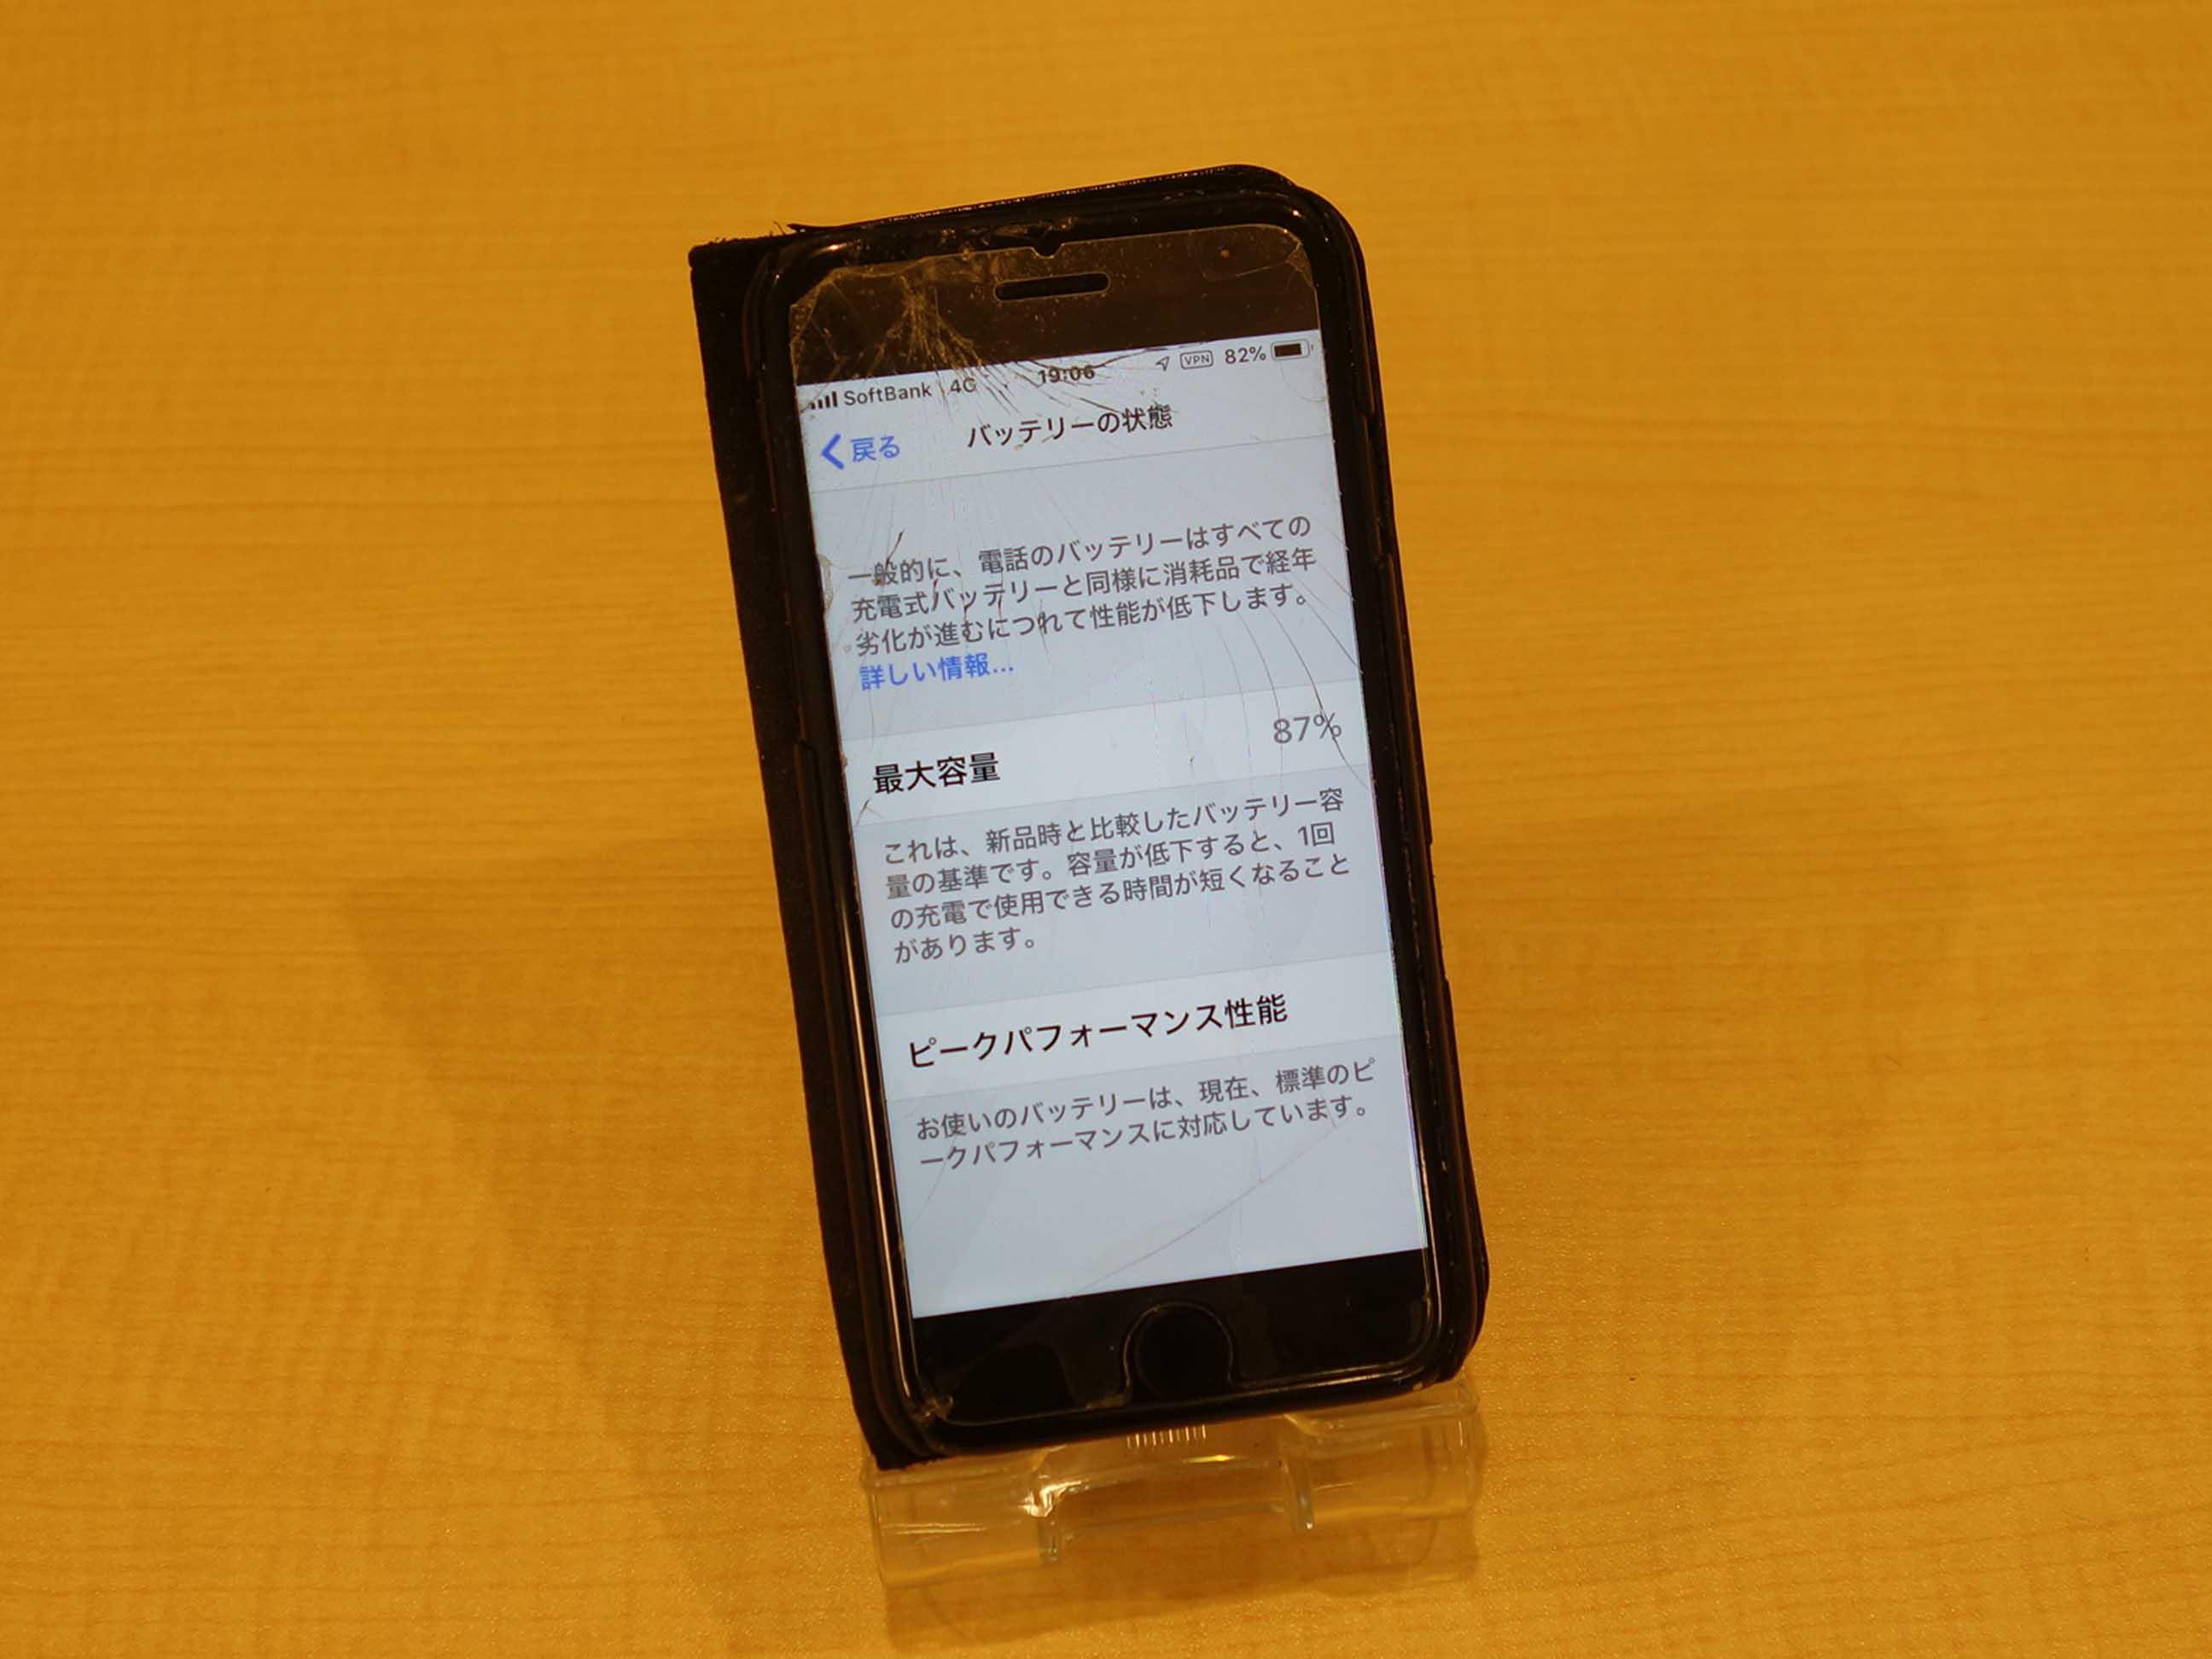 iPhone7のガラス&バッテリー交換修理に中津川市よりご来店!アイフォン修理のクイック名古屋